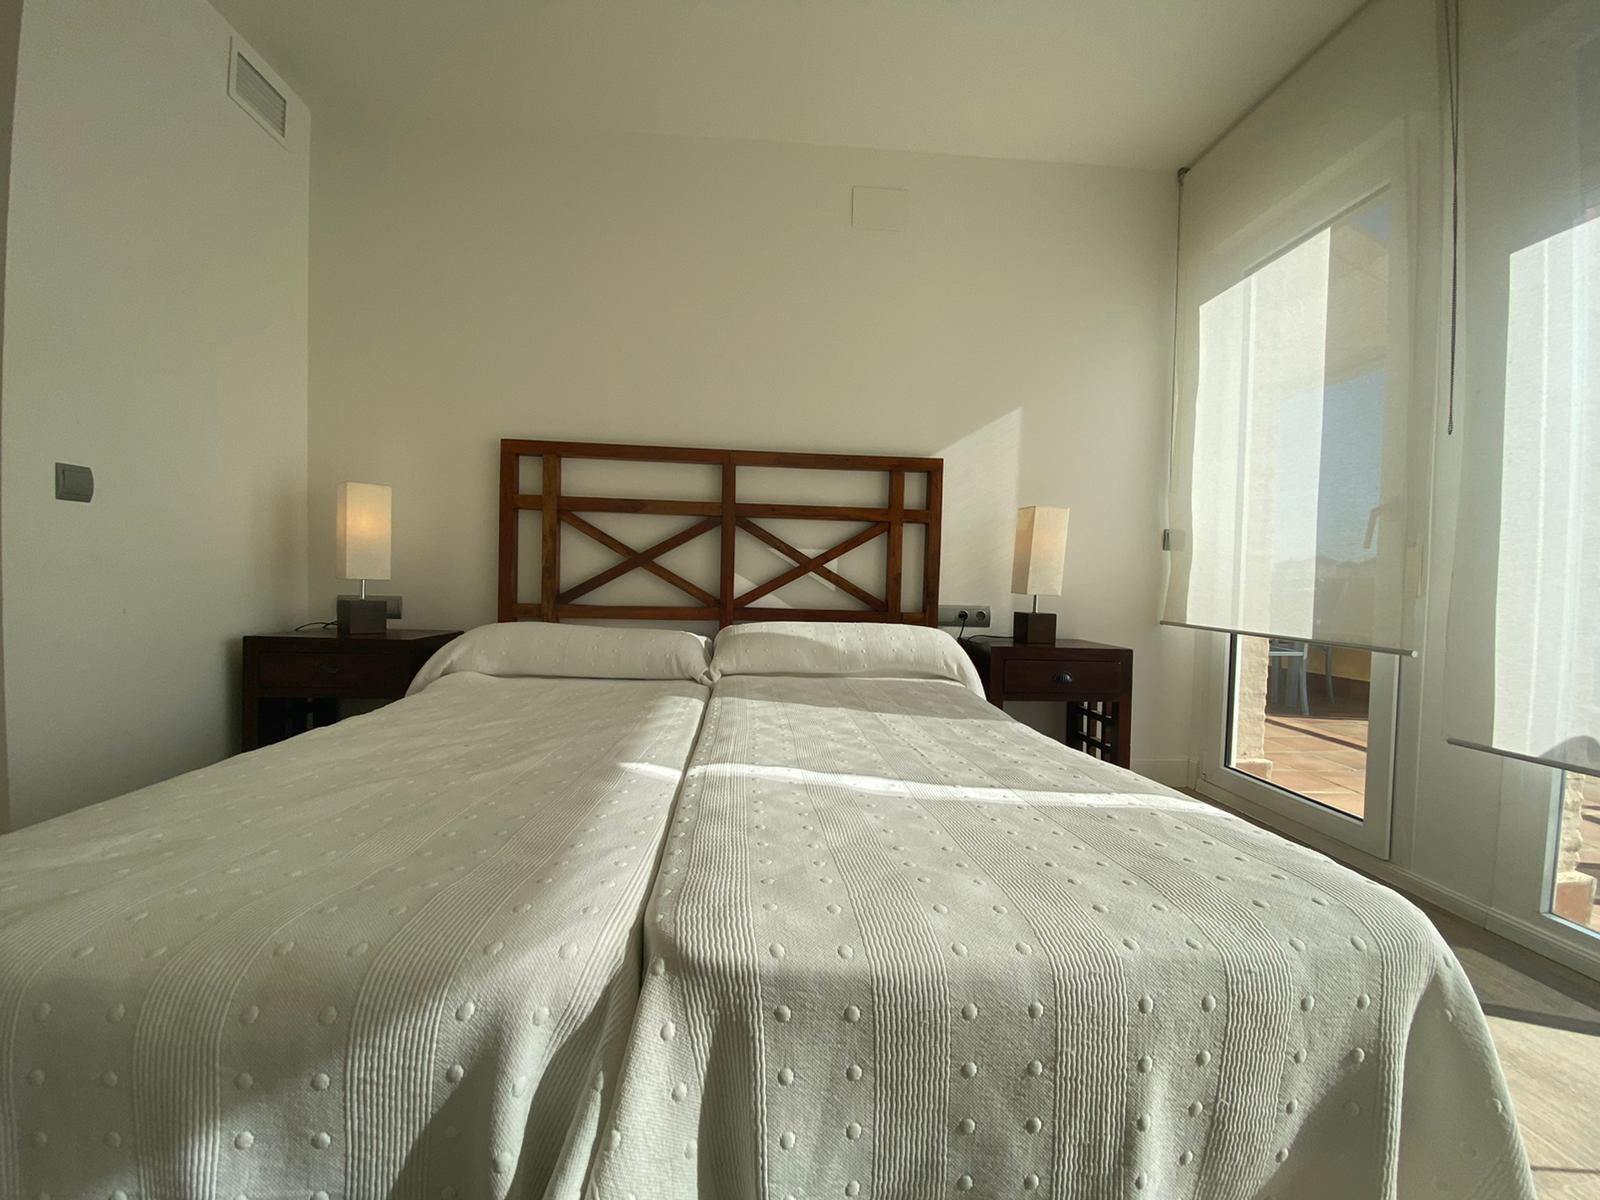 Imagen 22 del Apartamento Turístico, Ático 6 Central (3d+2b), Punta del Moral (HUELVA), Paseo de la Cruz nº22